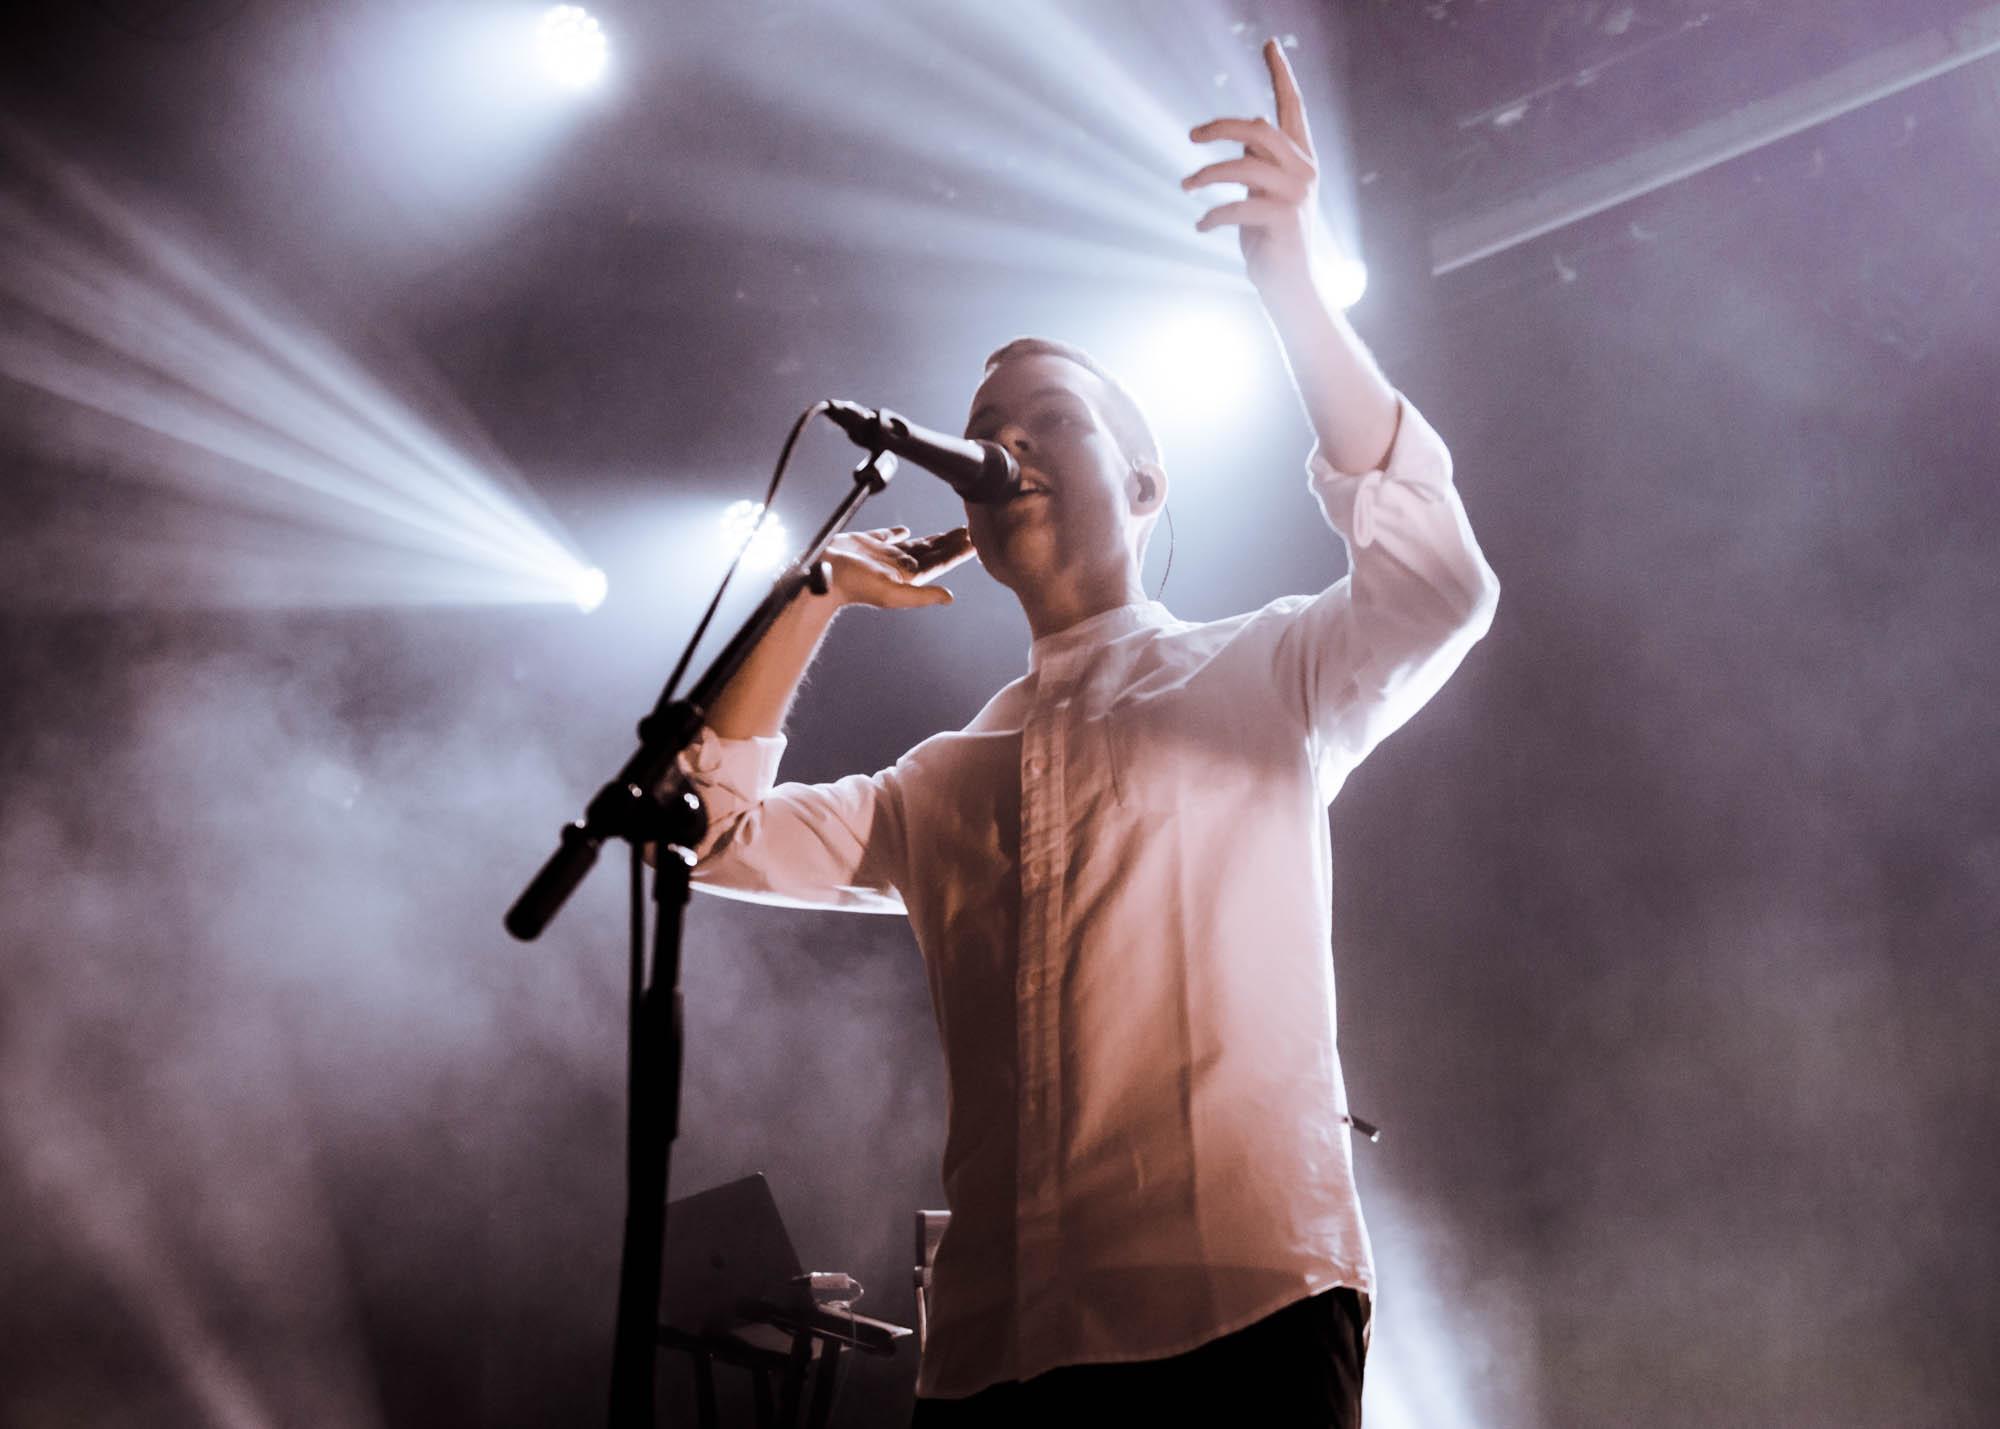 080319-Studioscape.org-PhotoByOivindSvendsen-Norway-Oslo-Rockefeller-Kristian Kristensen-4